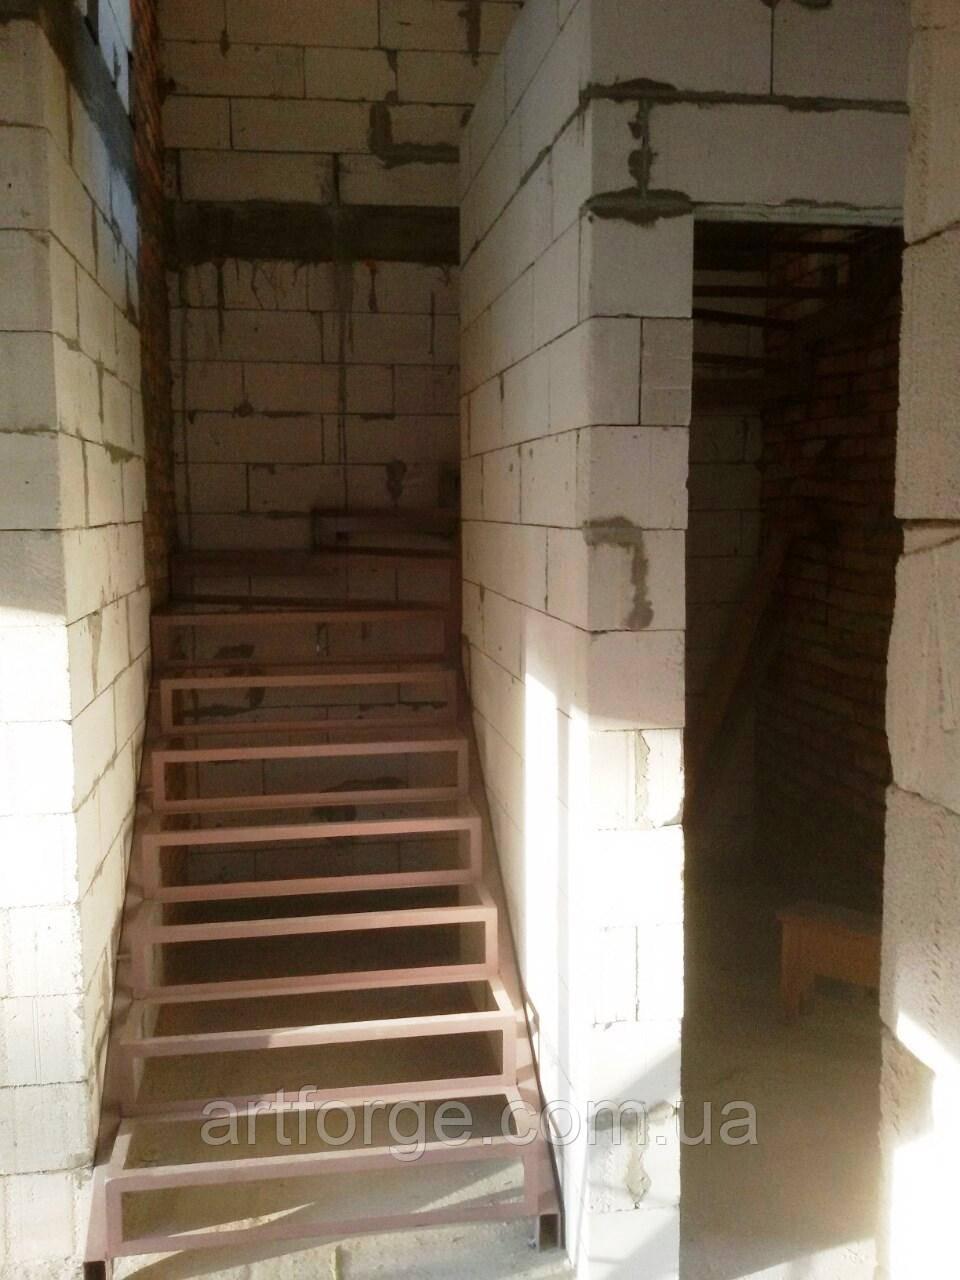 Поворотно-забежной каркас лестницы под обшивку. П-образная лестница